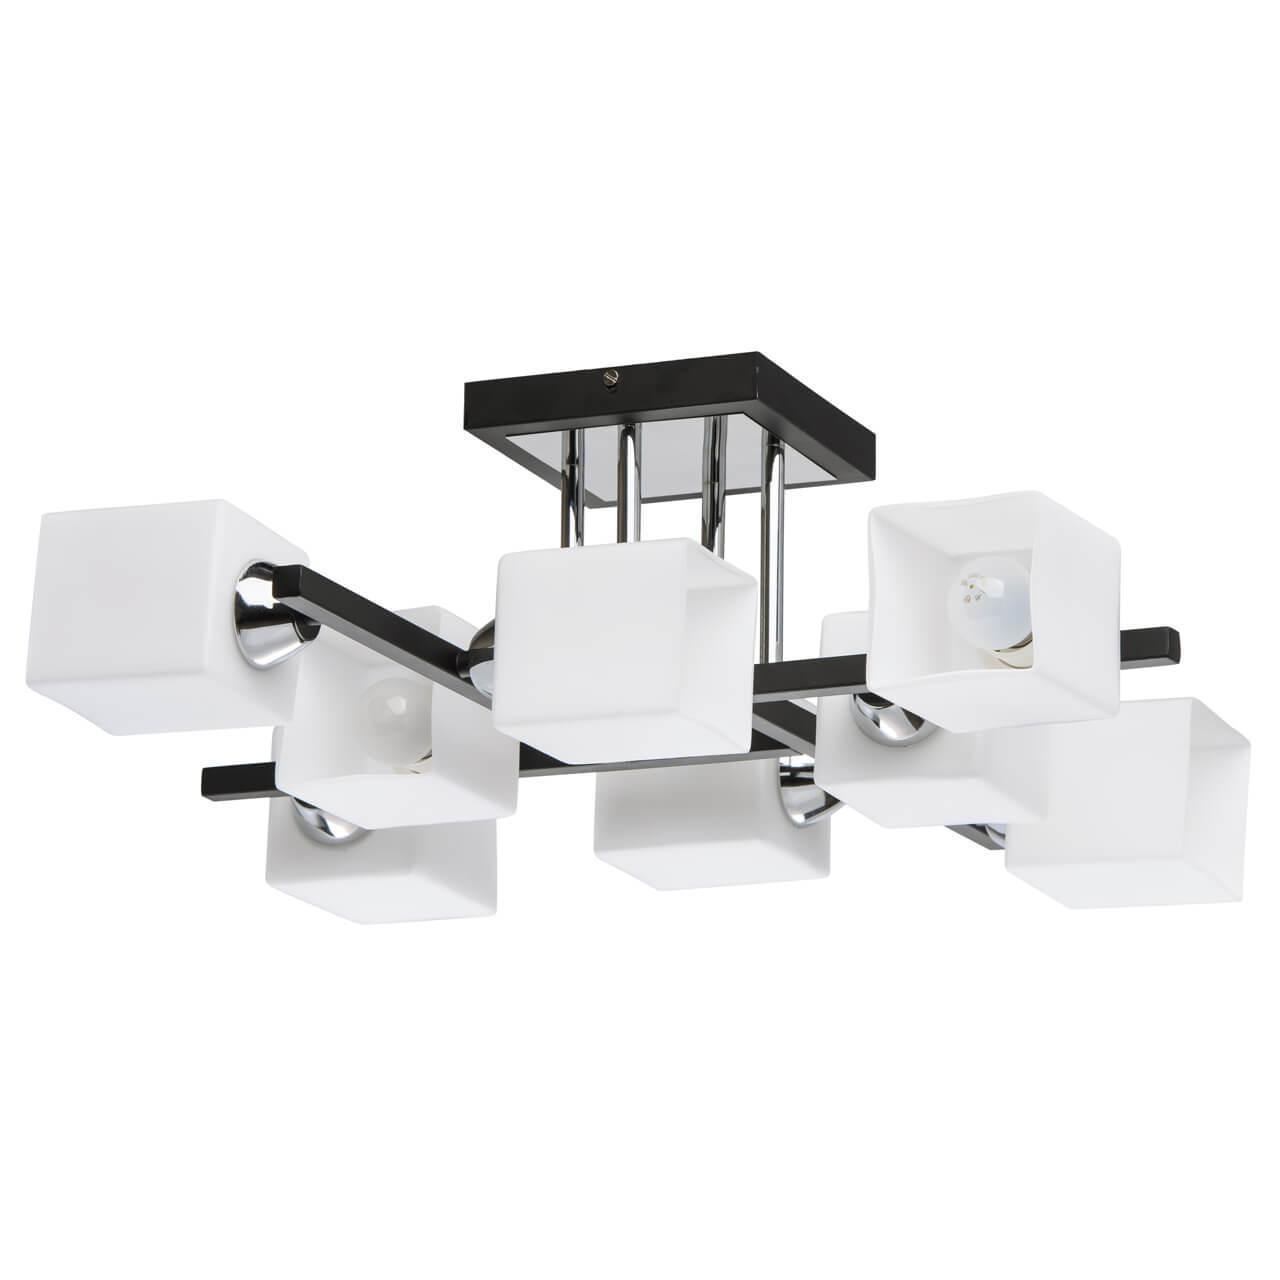 Потолочный светильник De Markt 673011508, E27, 60 Вт